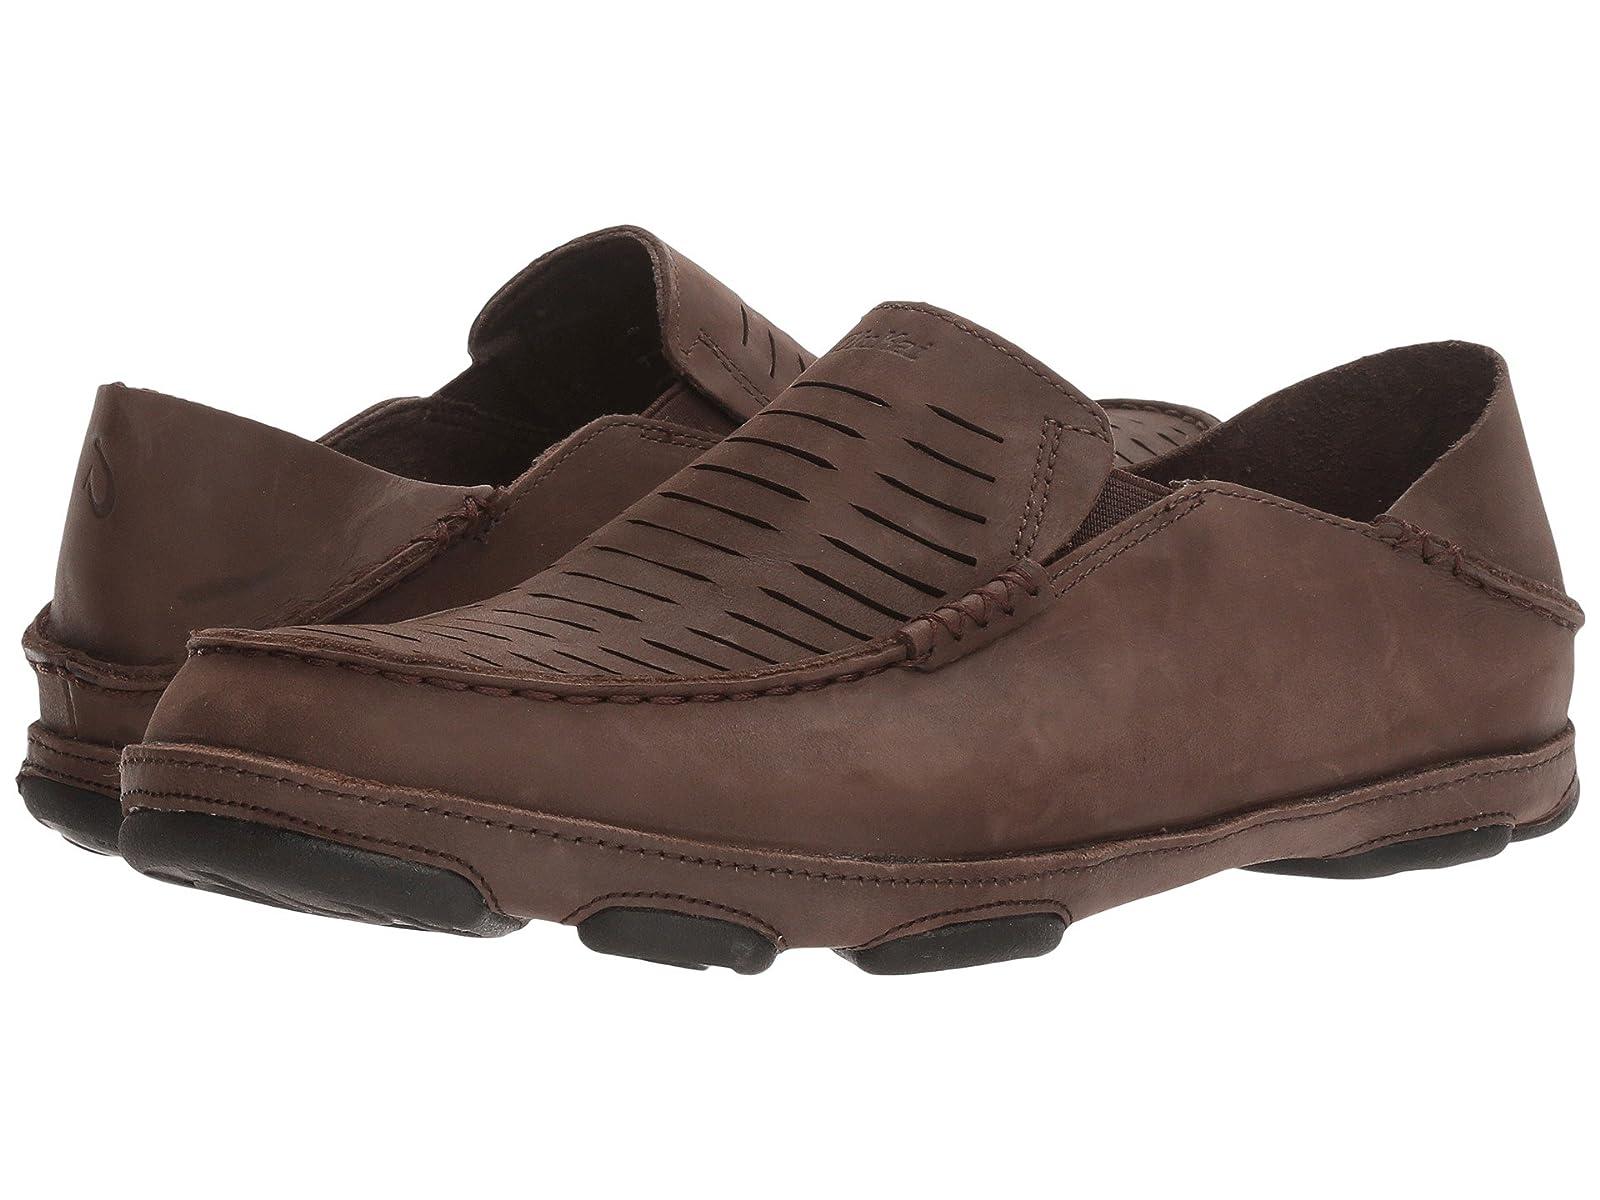 OluKai Moloa Kohana IIAtmospheric grades have affordable shoes